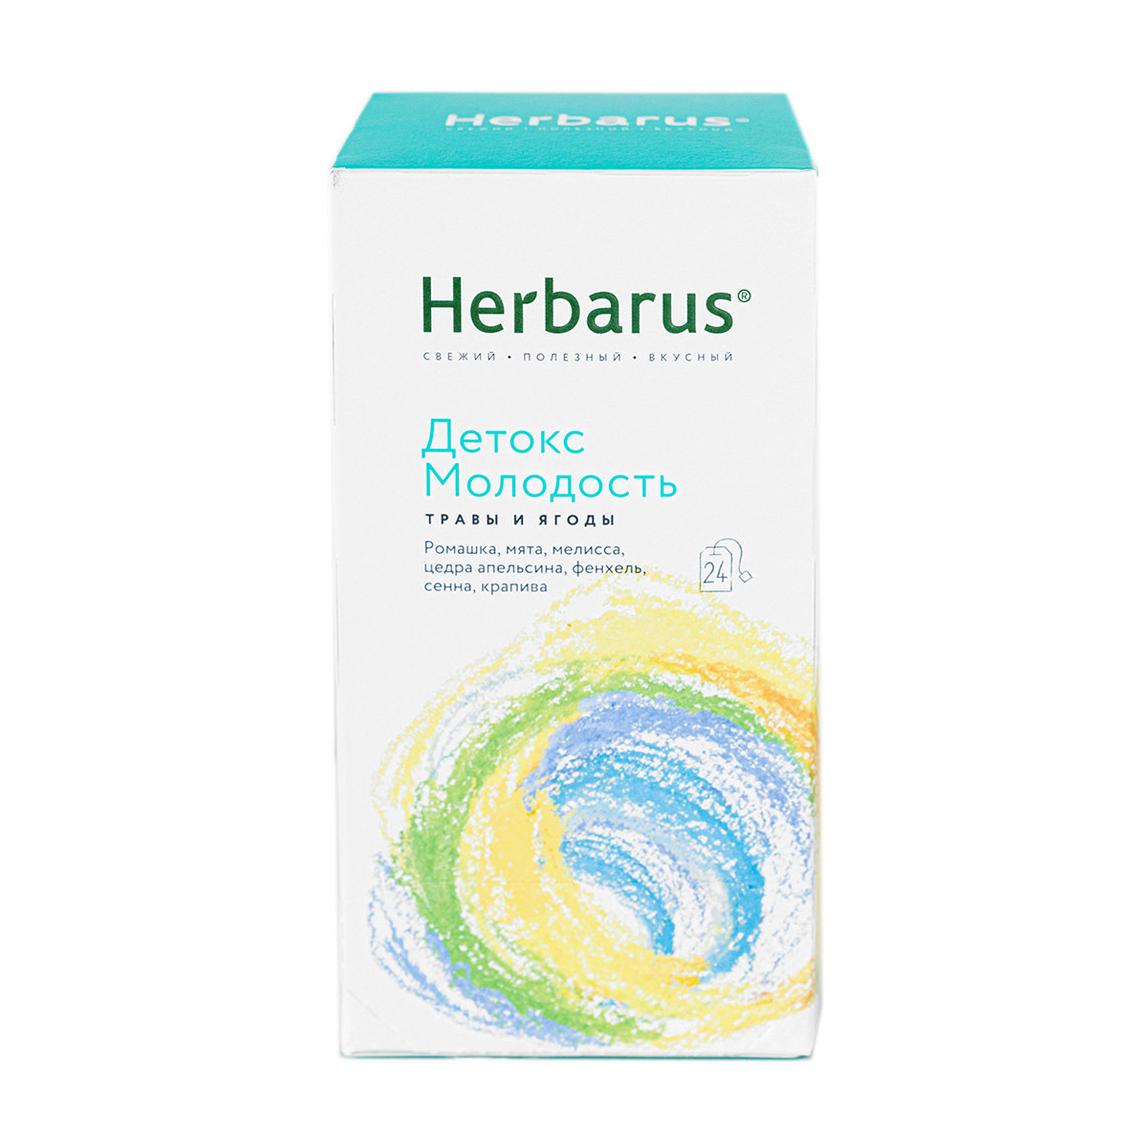 Чайный напиток Herbarus Детокс молодость 24 пакетика herbarus чайный напиток herbarus спокойствие баланс 35г